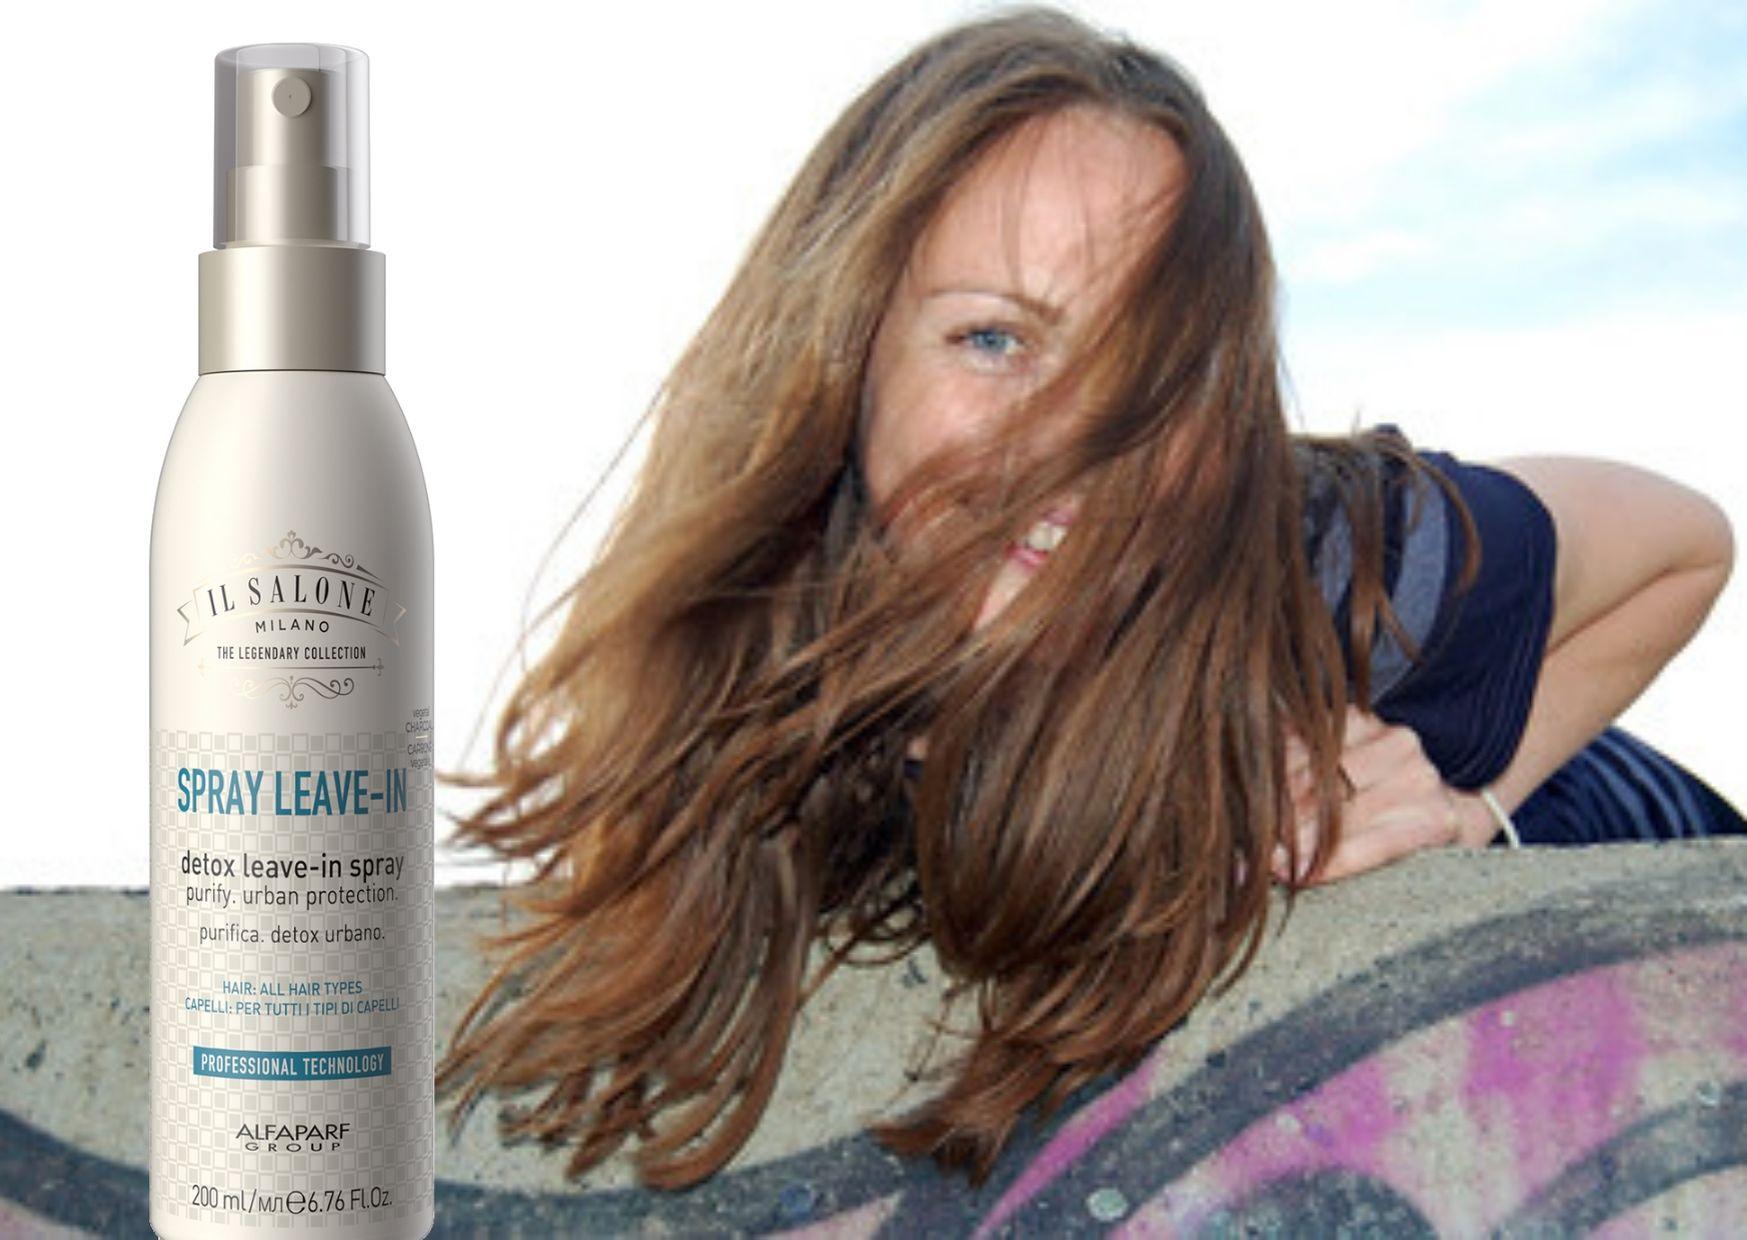 Il Salone Milano Detox – ochrona włosów przed smogiem